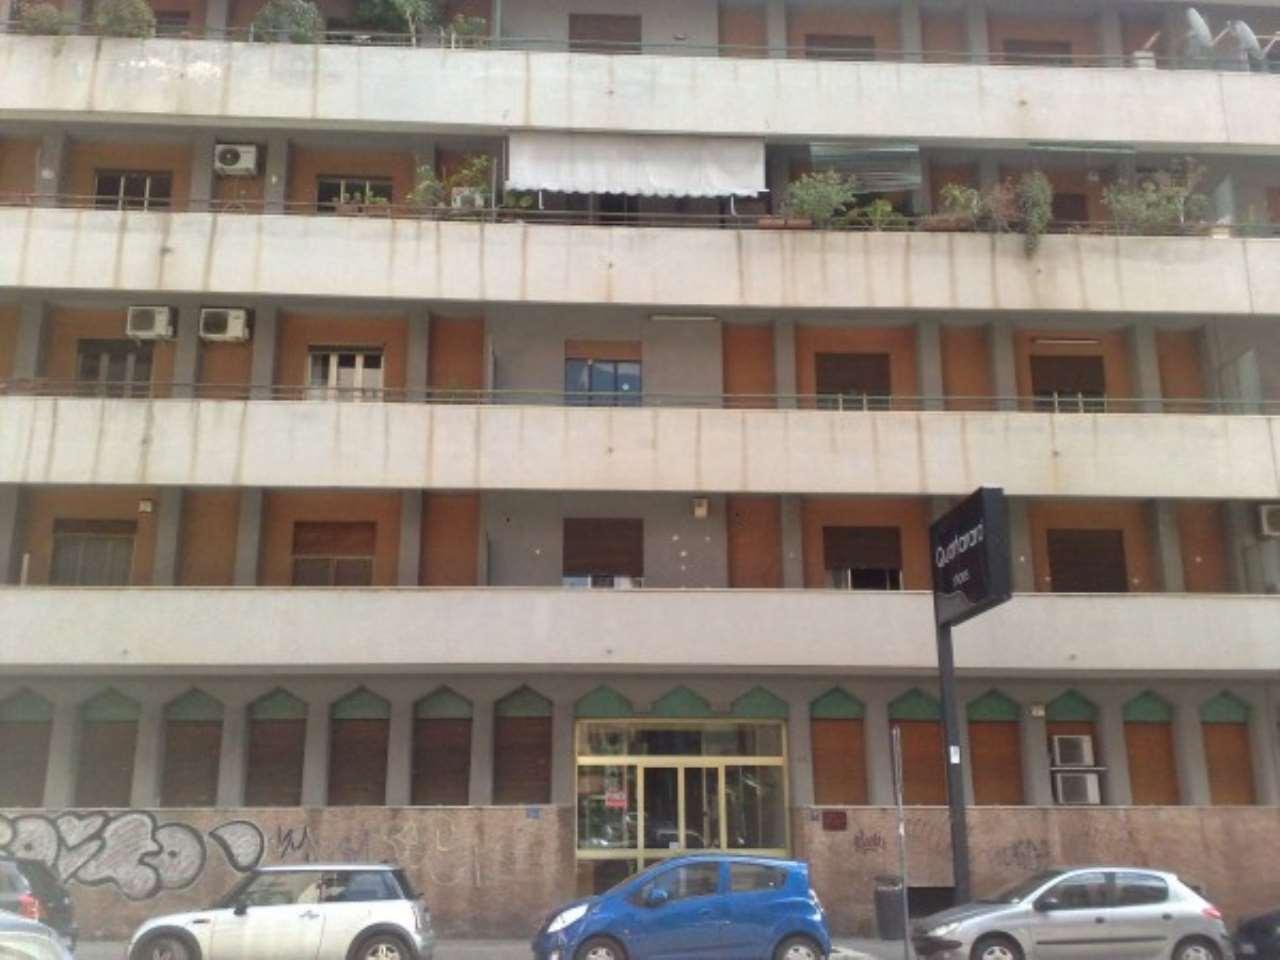 Appartamento in affitto a palermo via giacomo leopardi for Affitto bilocale palermo arredato